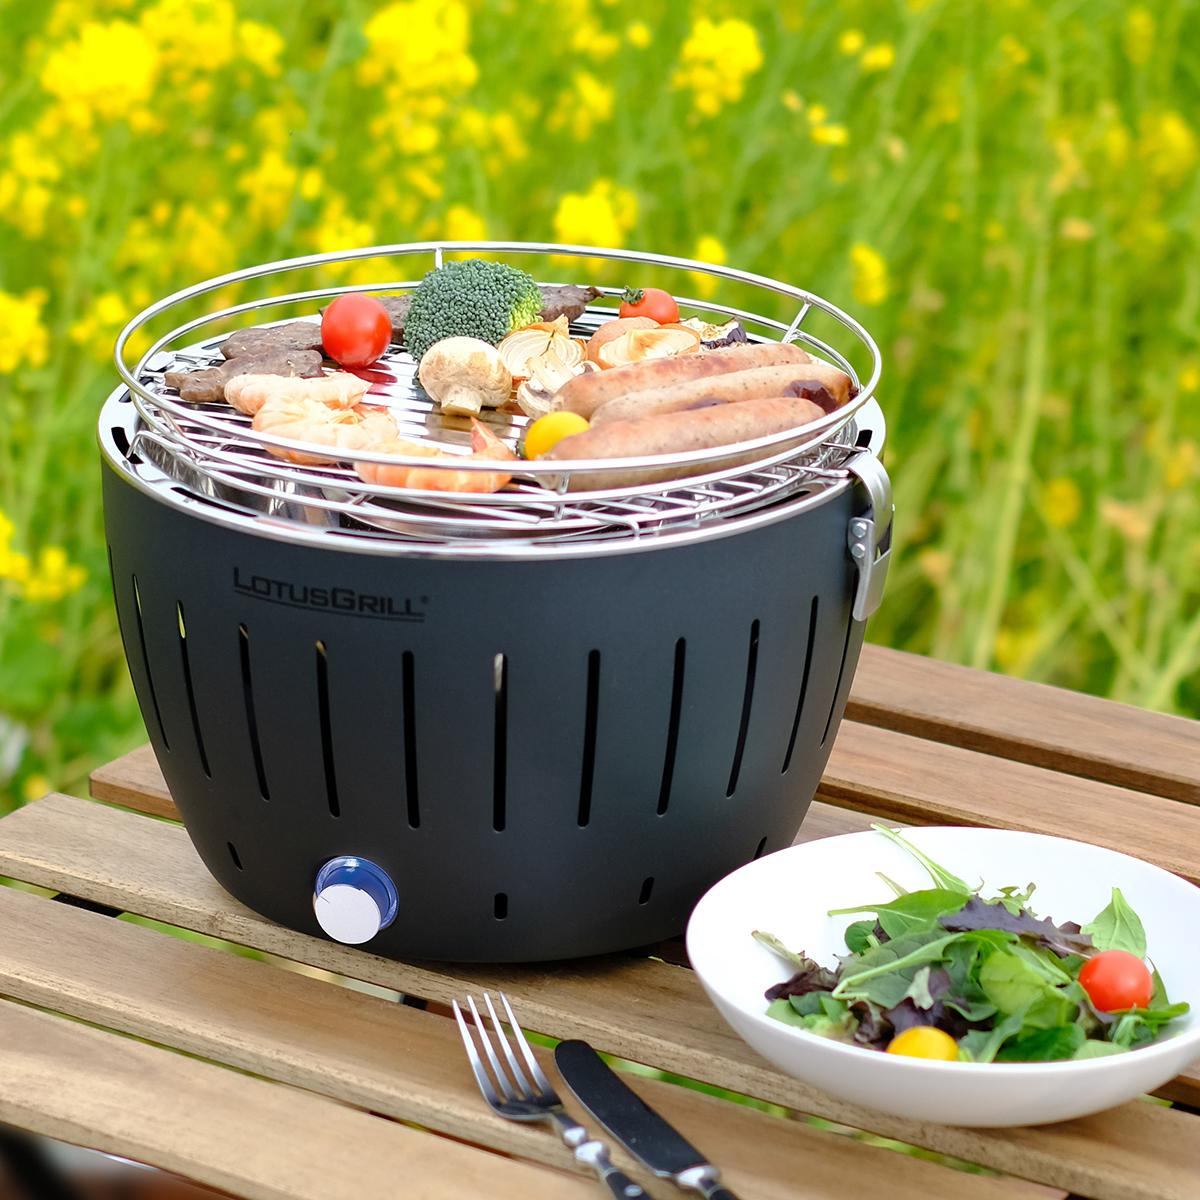 お酒を飲みながら、ひとりでのんびり気楽なバーベキュー。手軽に本格的な炭火焼ができる「炭火焼グリル」(ミニサイズ、1人用・2人用)|Lotus Grill